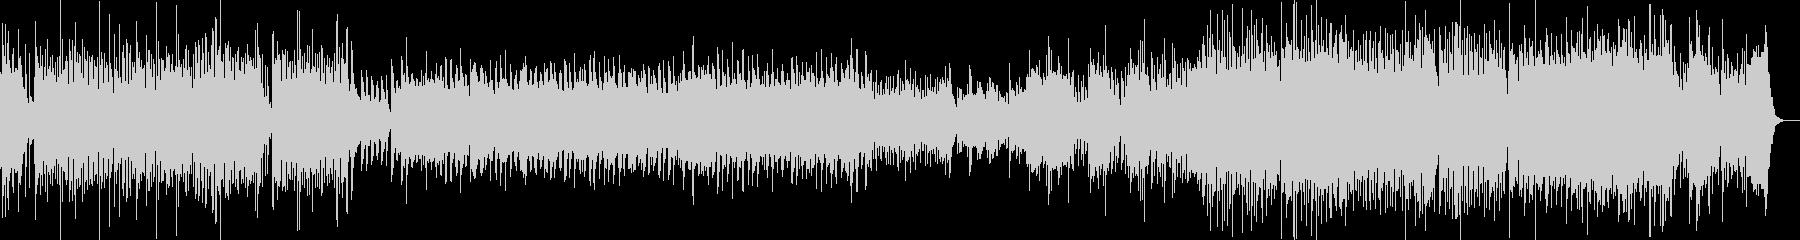 吹奏楽のための第1組曲変ホ長調作品28aの未再生の波形